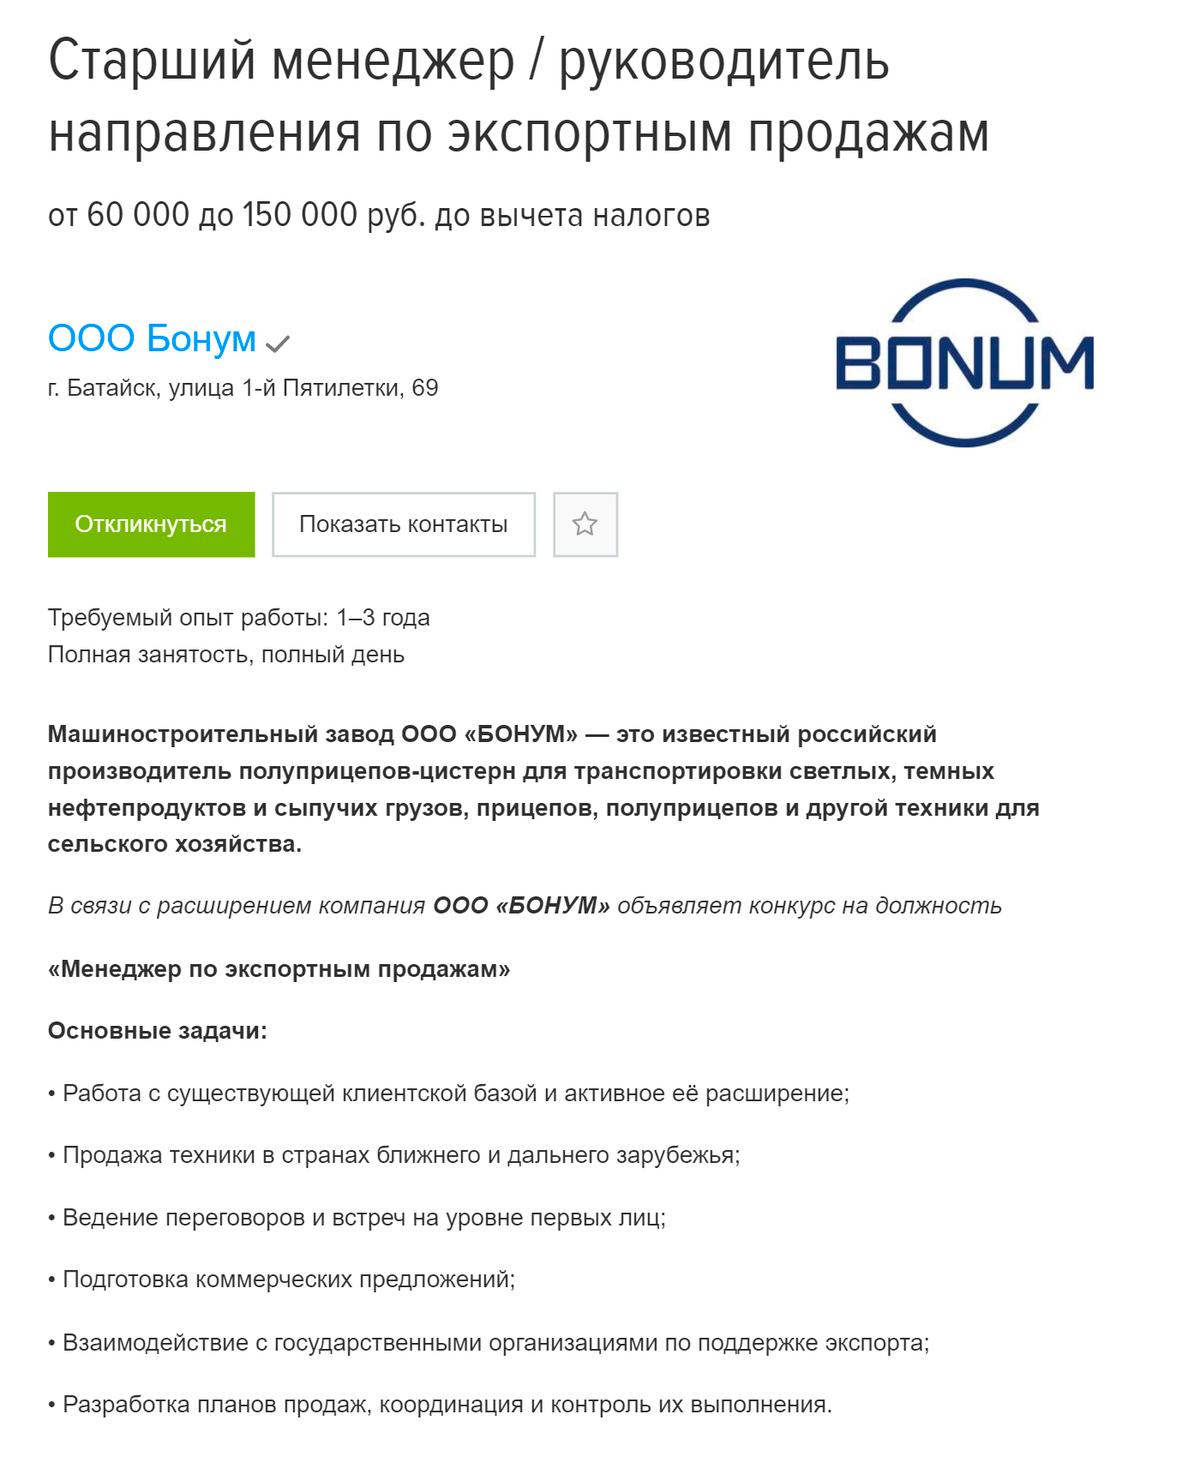 Менеджер по экспорту в Ростовской области может зарабатывать от 60 000 до 150 000<span class=ruble>Р</span>. Такая вилка объясняется просто: вознаграждение состоит из небольшого оклада и процента от продаж